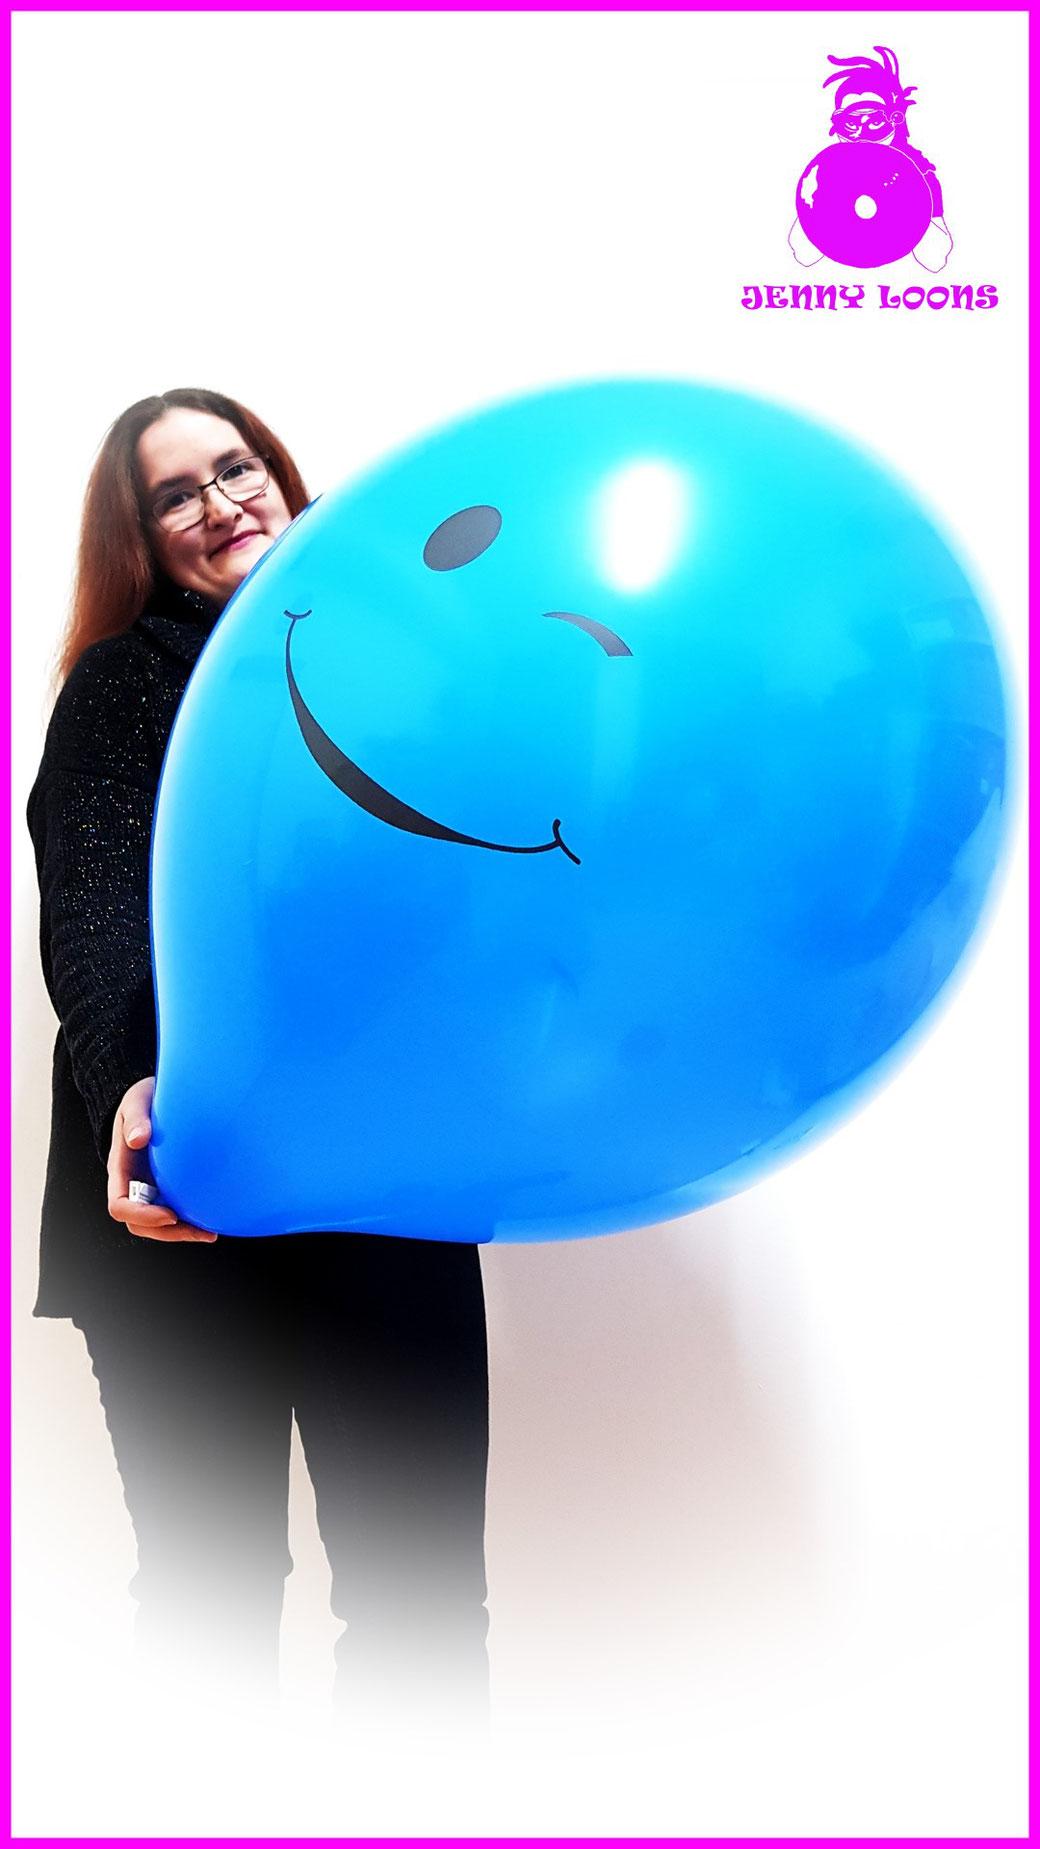 TUFTEX TUF-TEX Riesenballon Smiley Face Überraschung Riesenluftballons